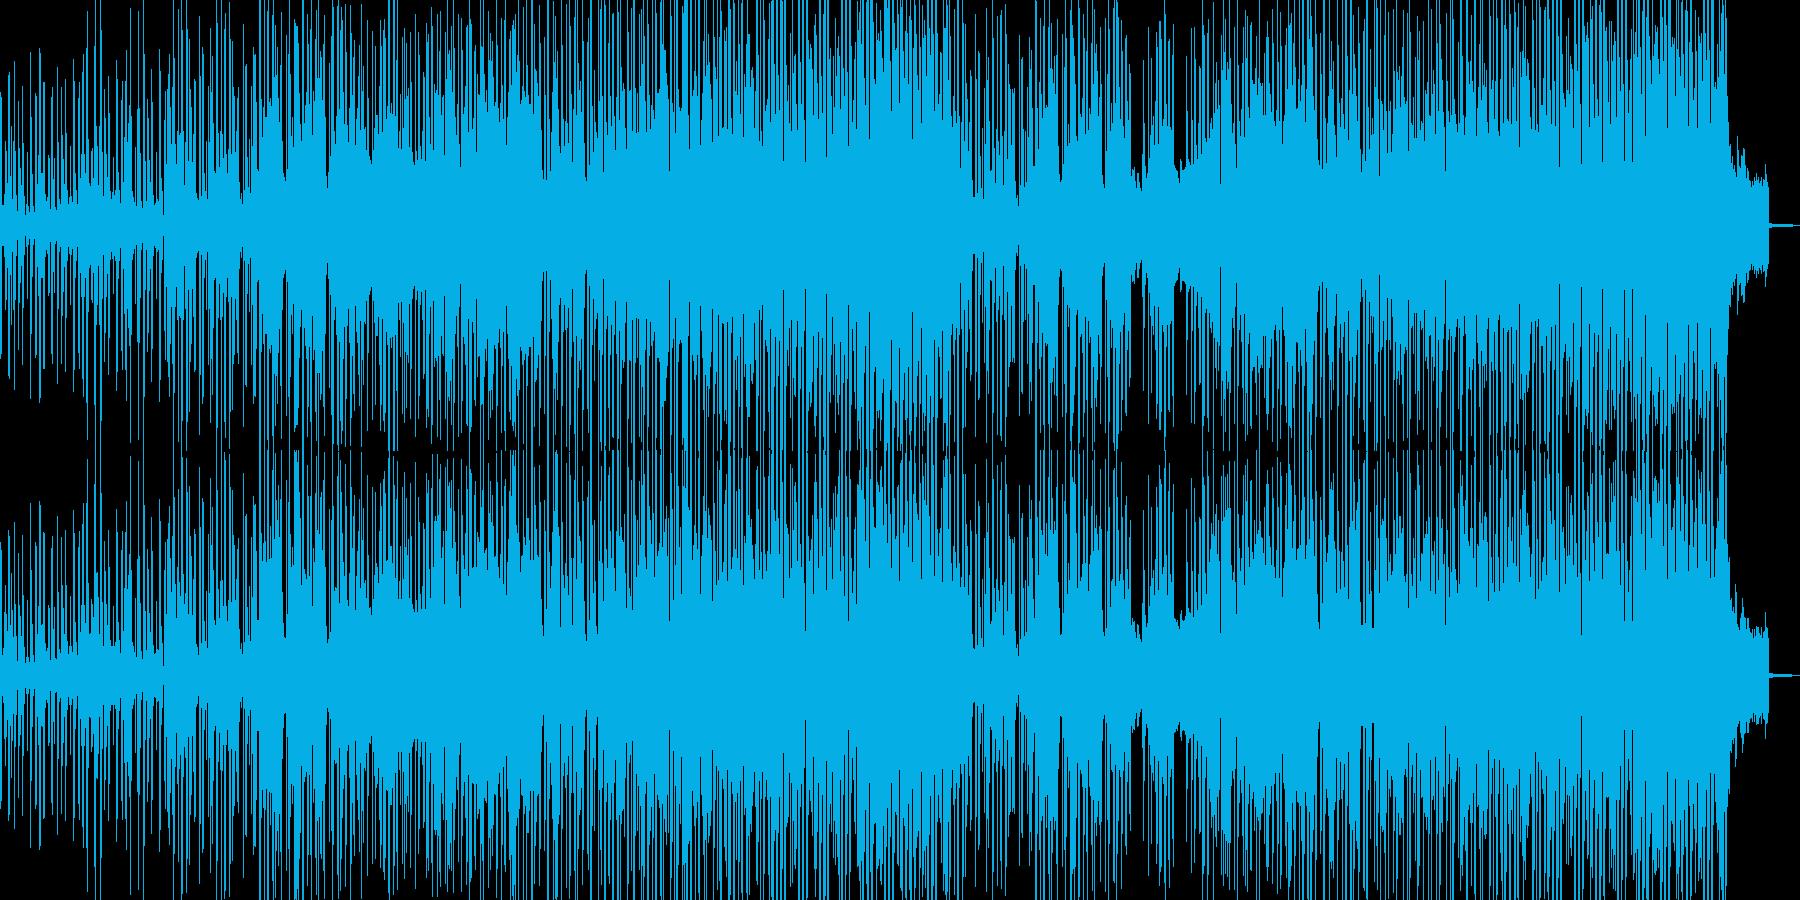 未知で不穏な何かが動き出すイメージの再生済みの波形